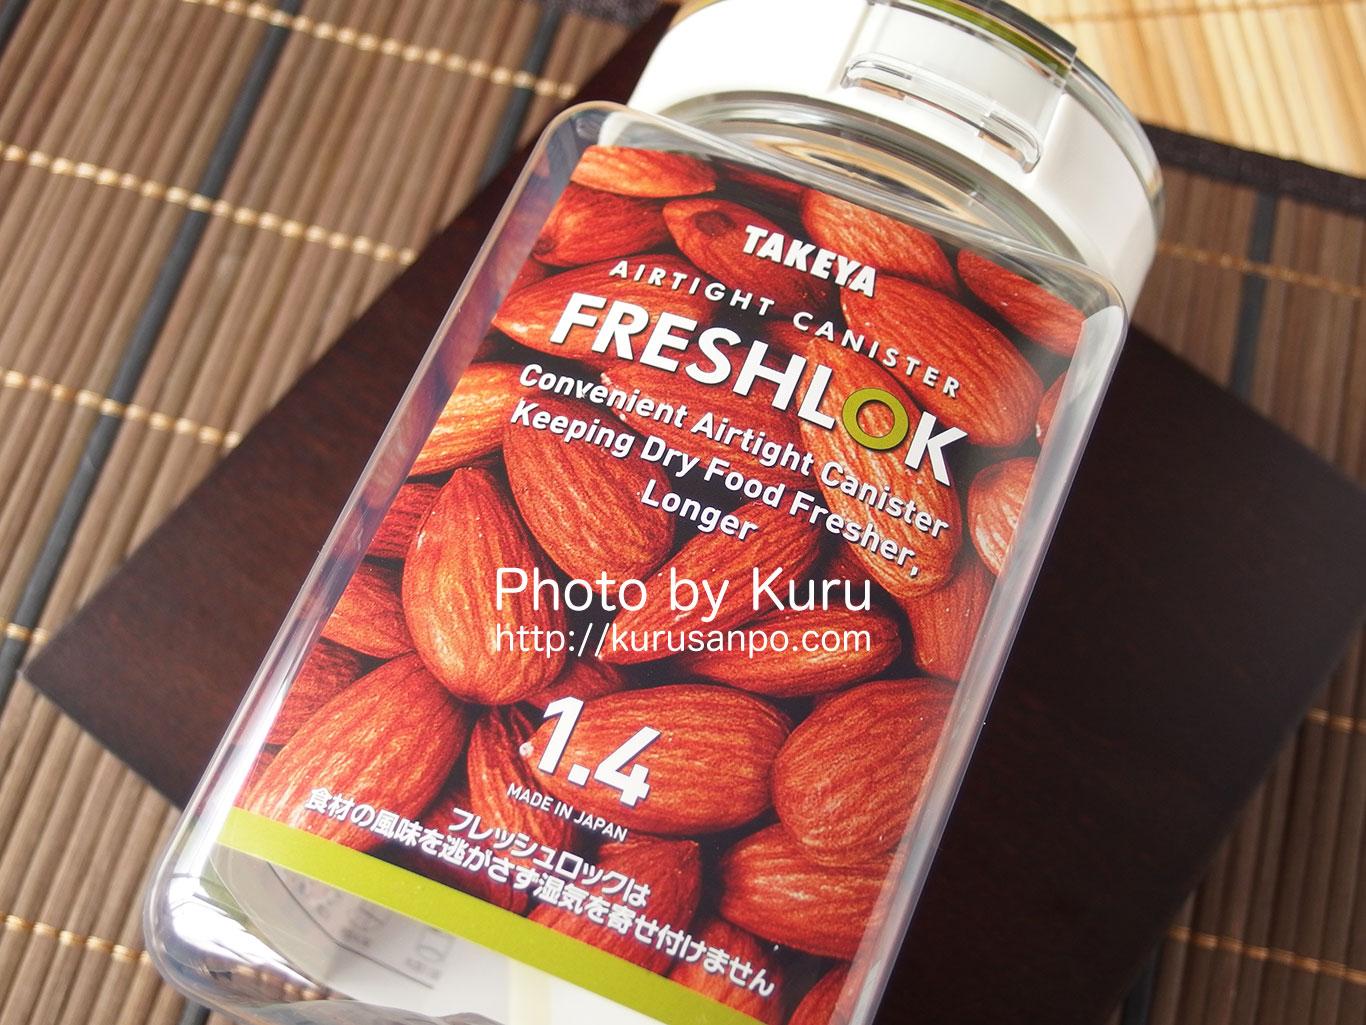 TAKEYA(タケヤ)の『フレッシュロック』で粉物を整理整頓!!